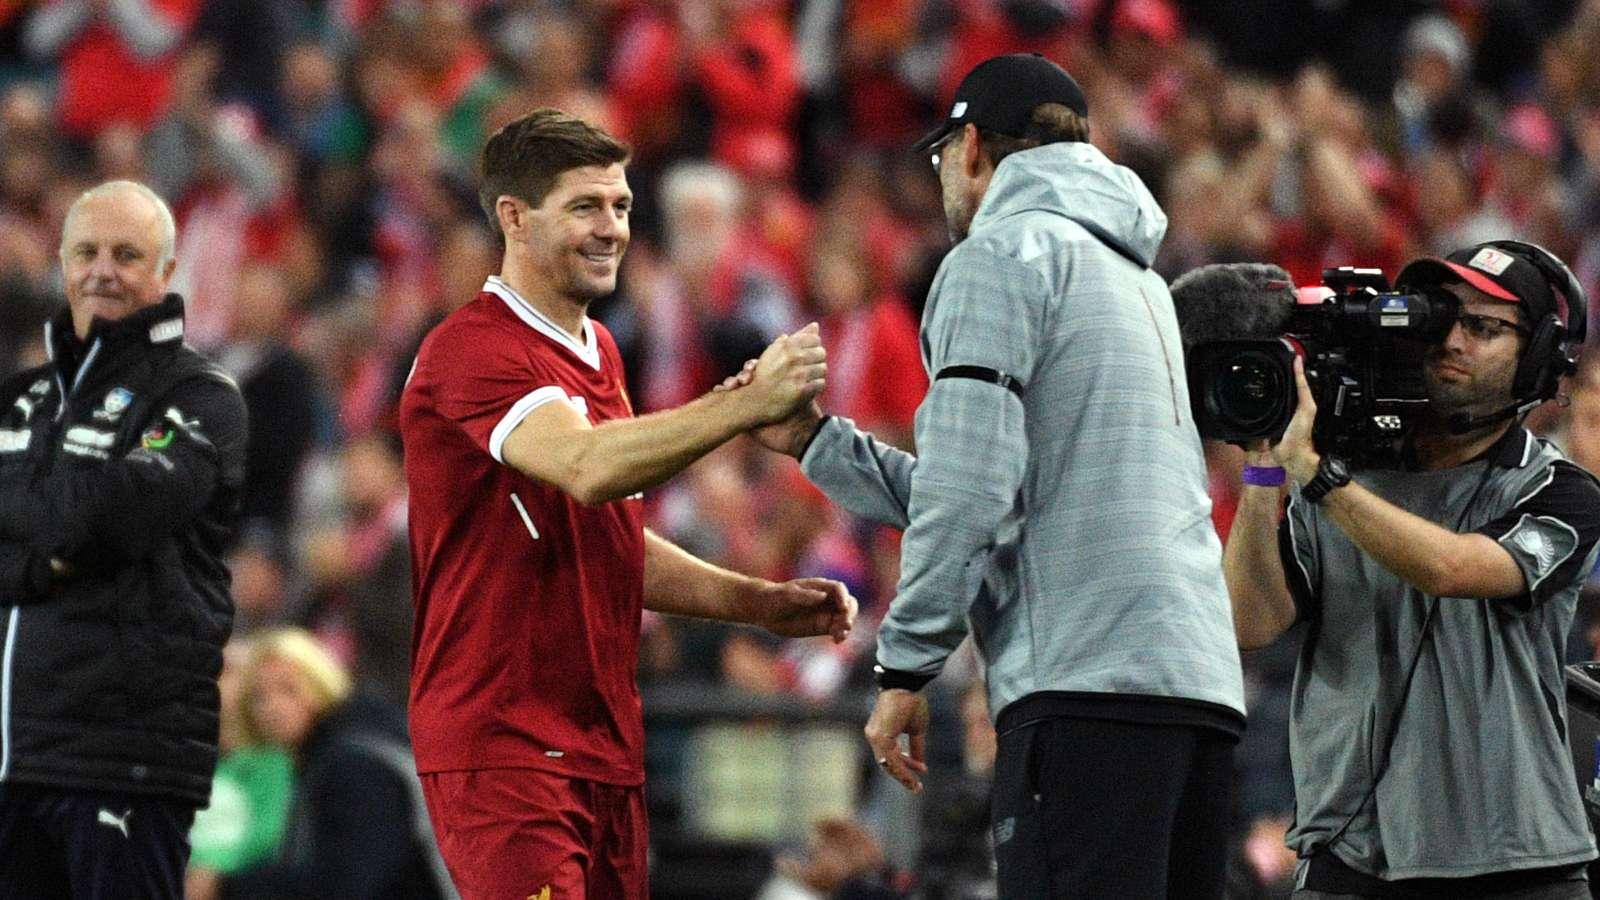 红军的德国教练暗示他很快就需要休息,而俱乐部的前门将相信只有一个人能取代他的位置。